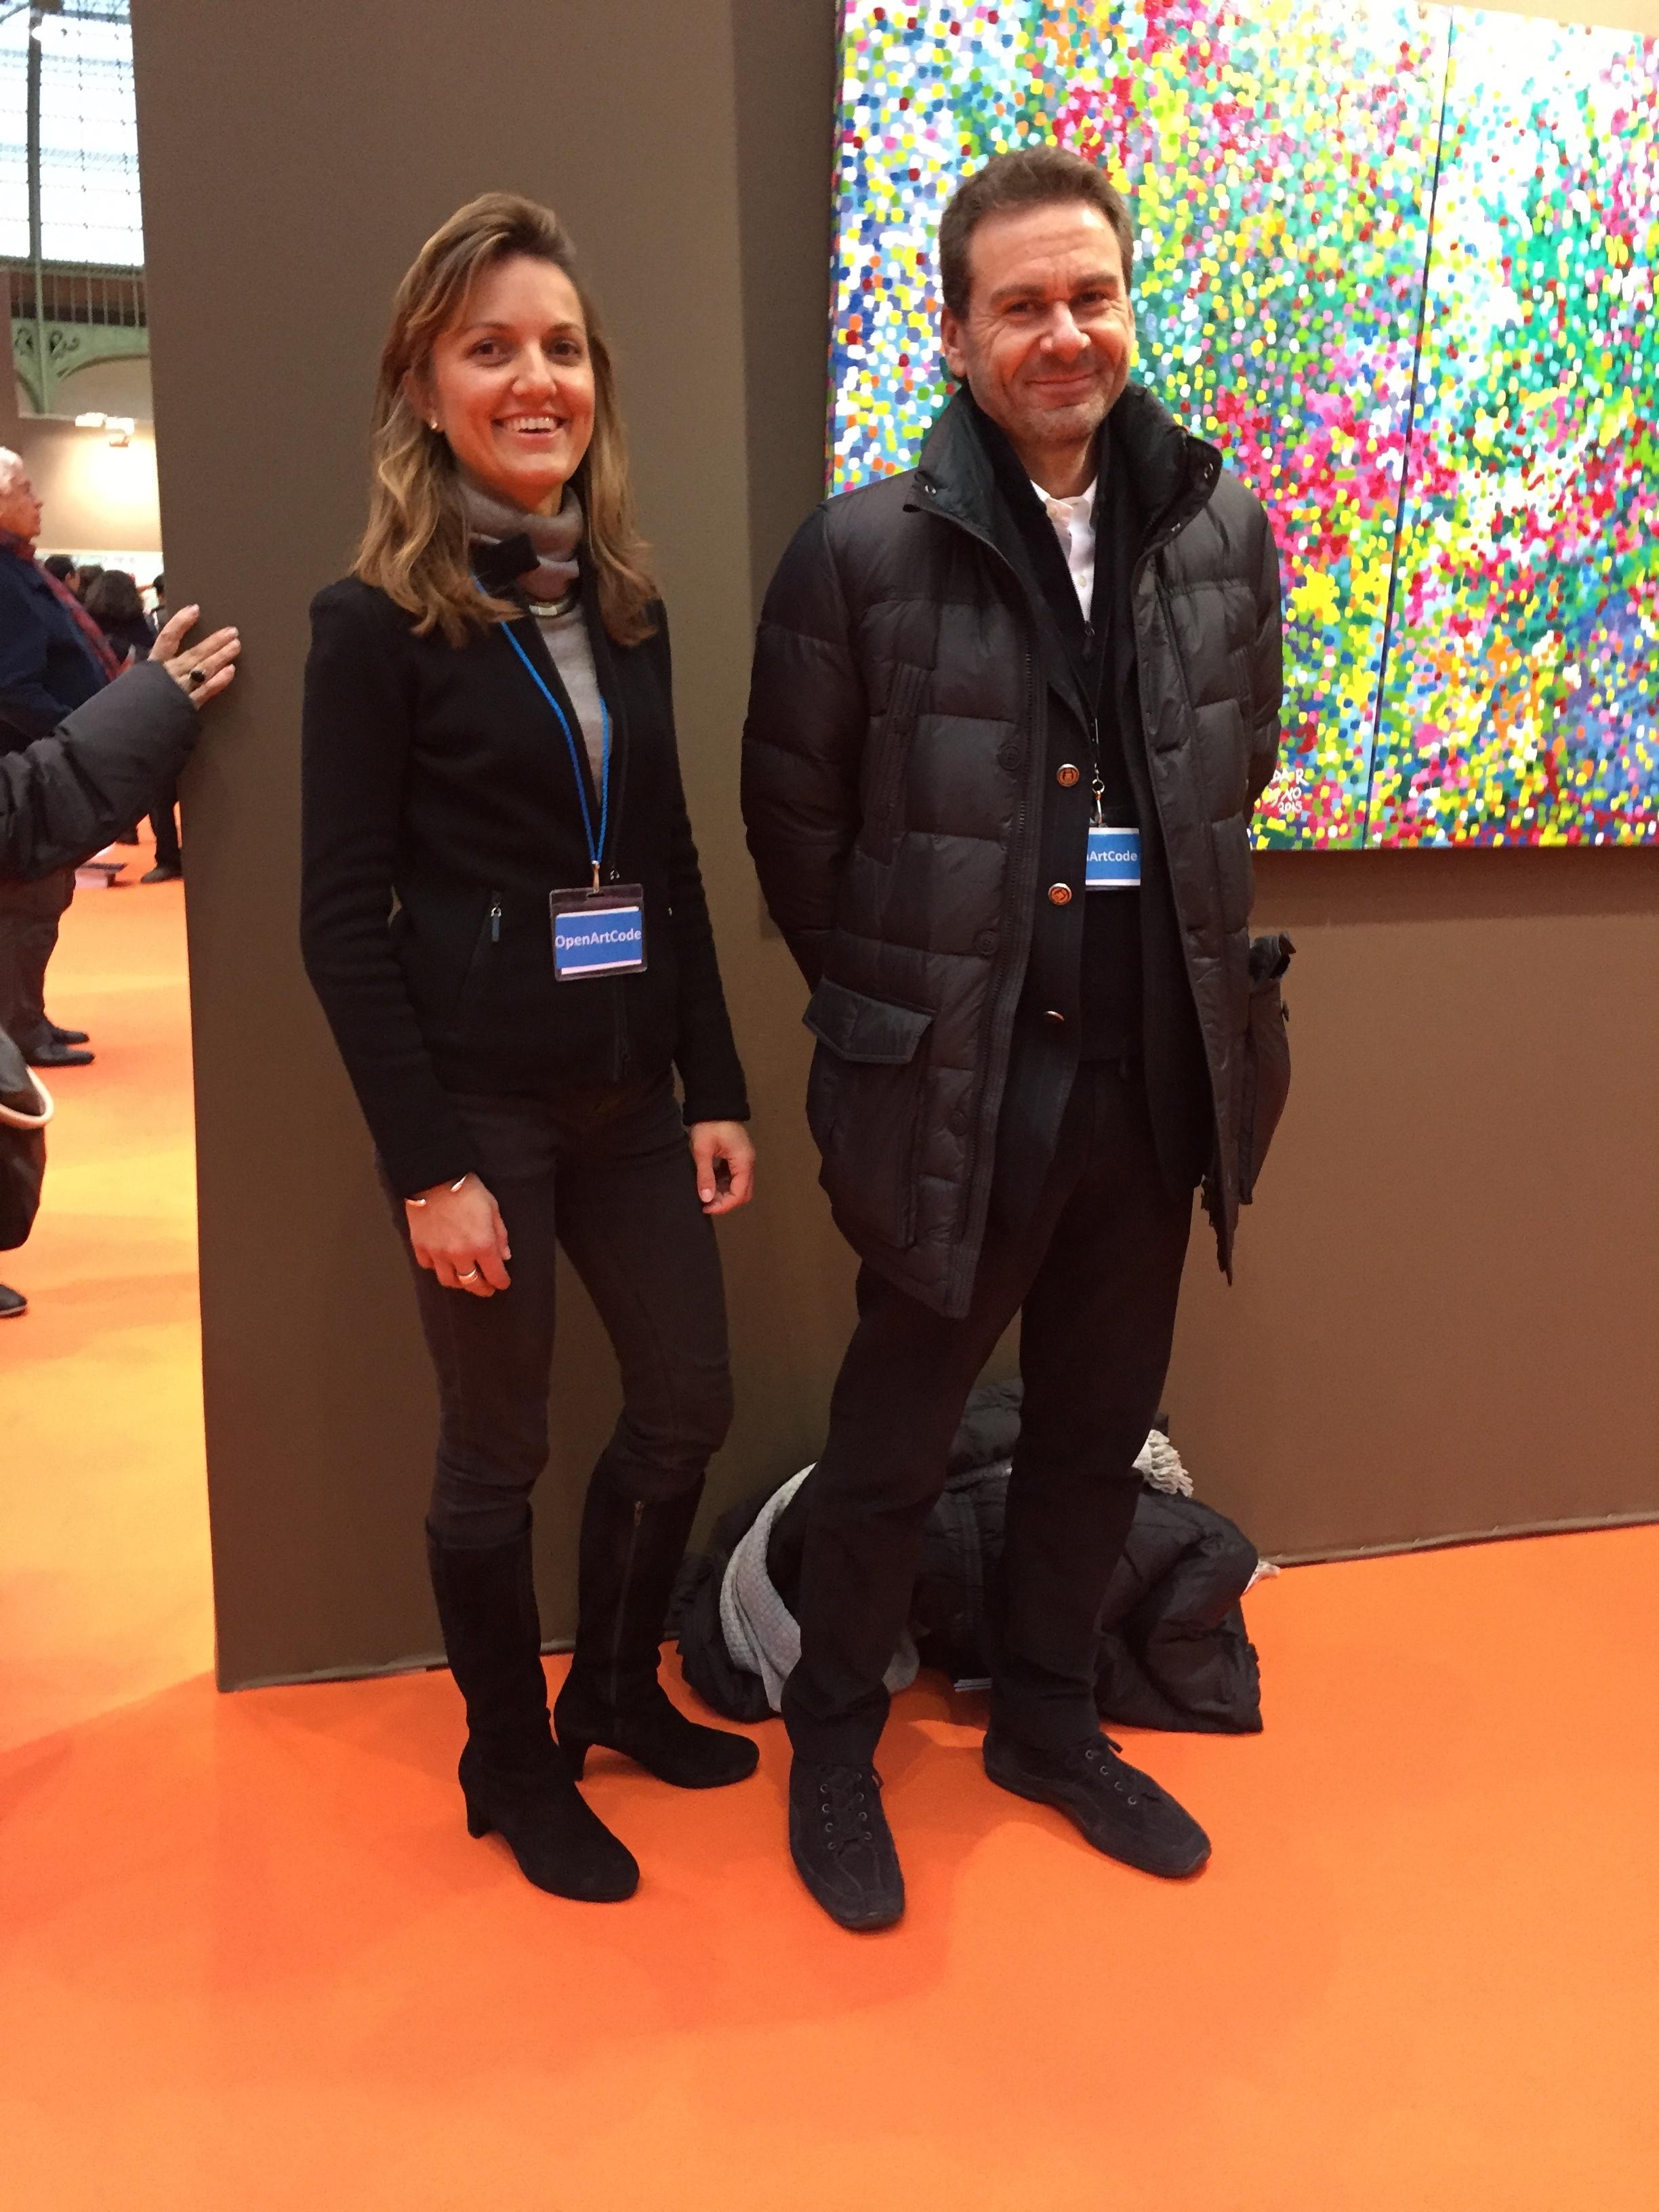 Carlotta Marzaioli and Vito Abba